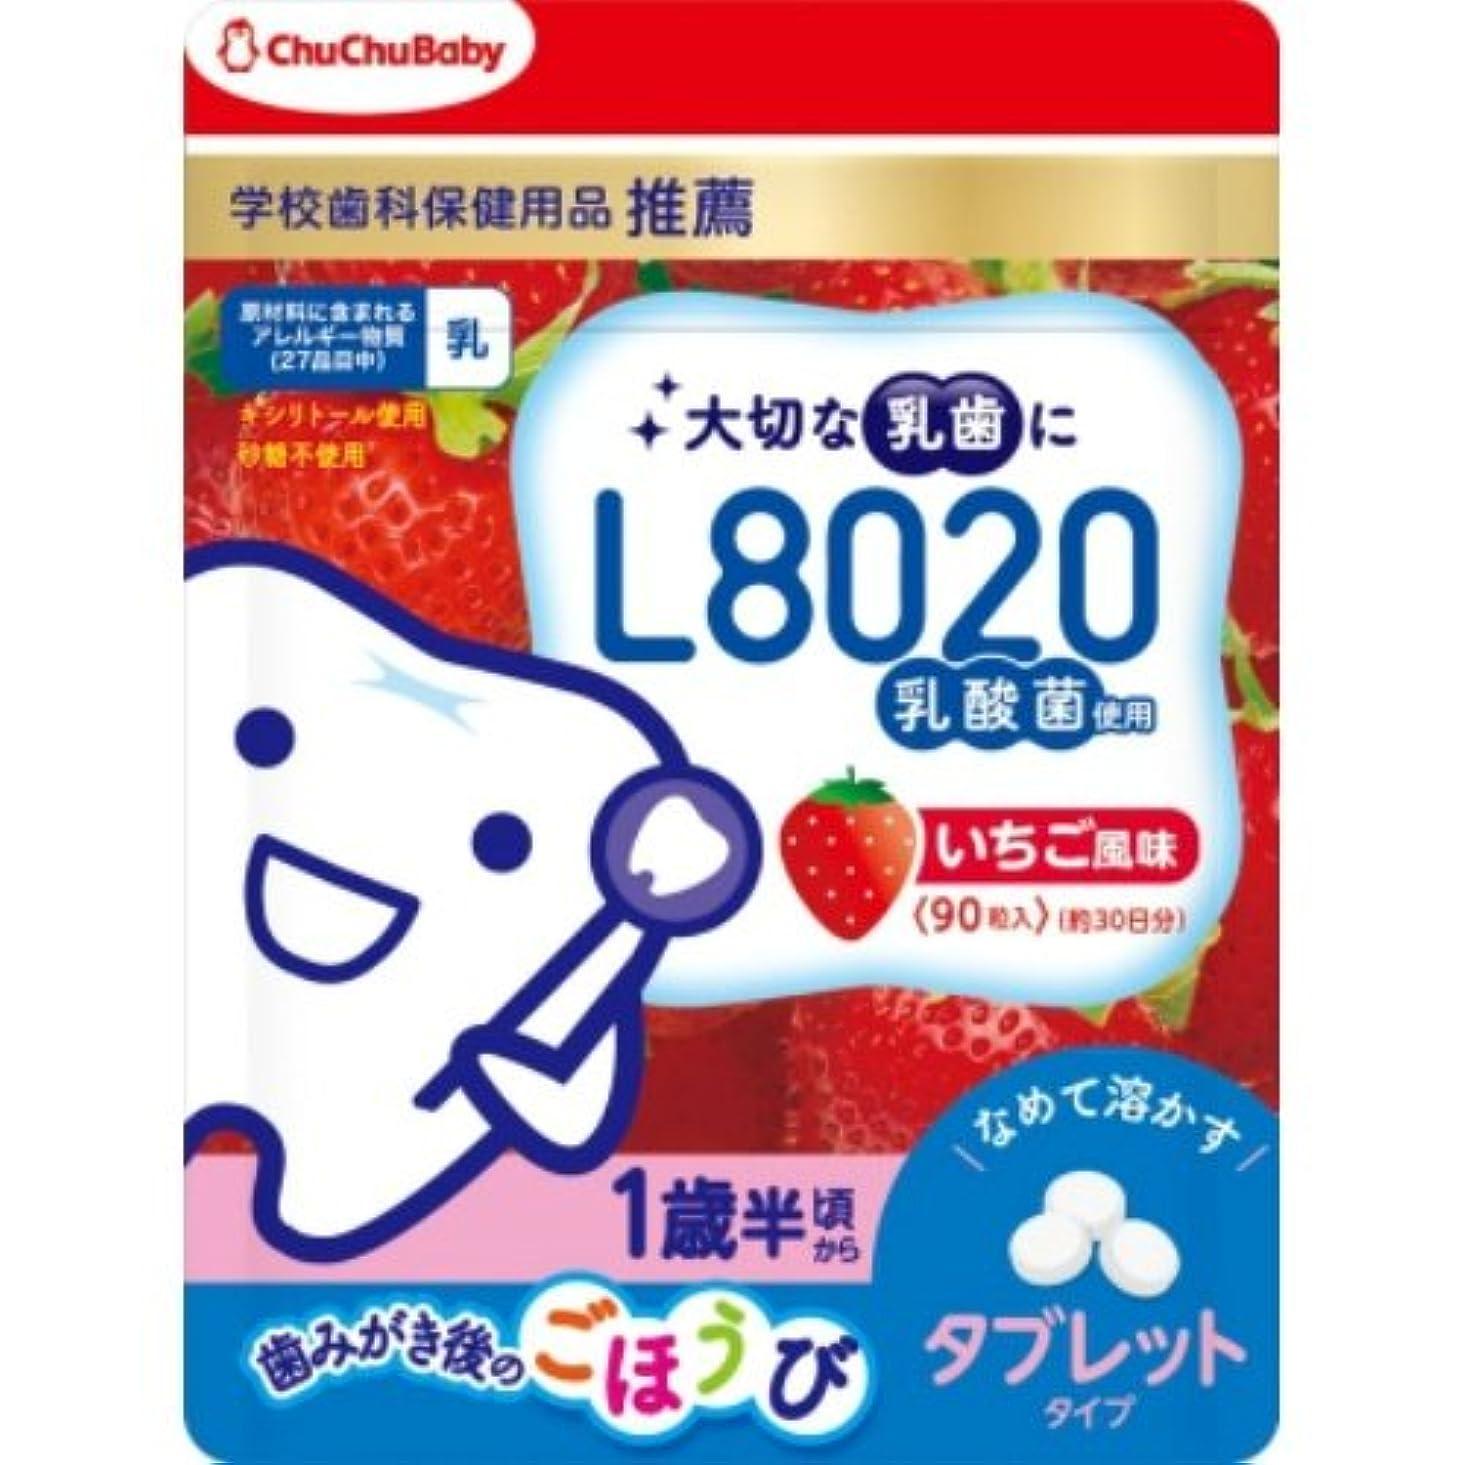 誕生割れ目つばL8020乳酸菌チュチュベビータブレットいちご風味 × 5個セット